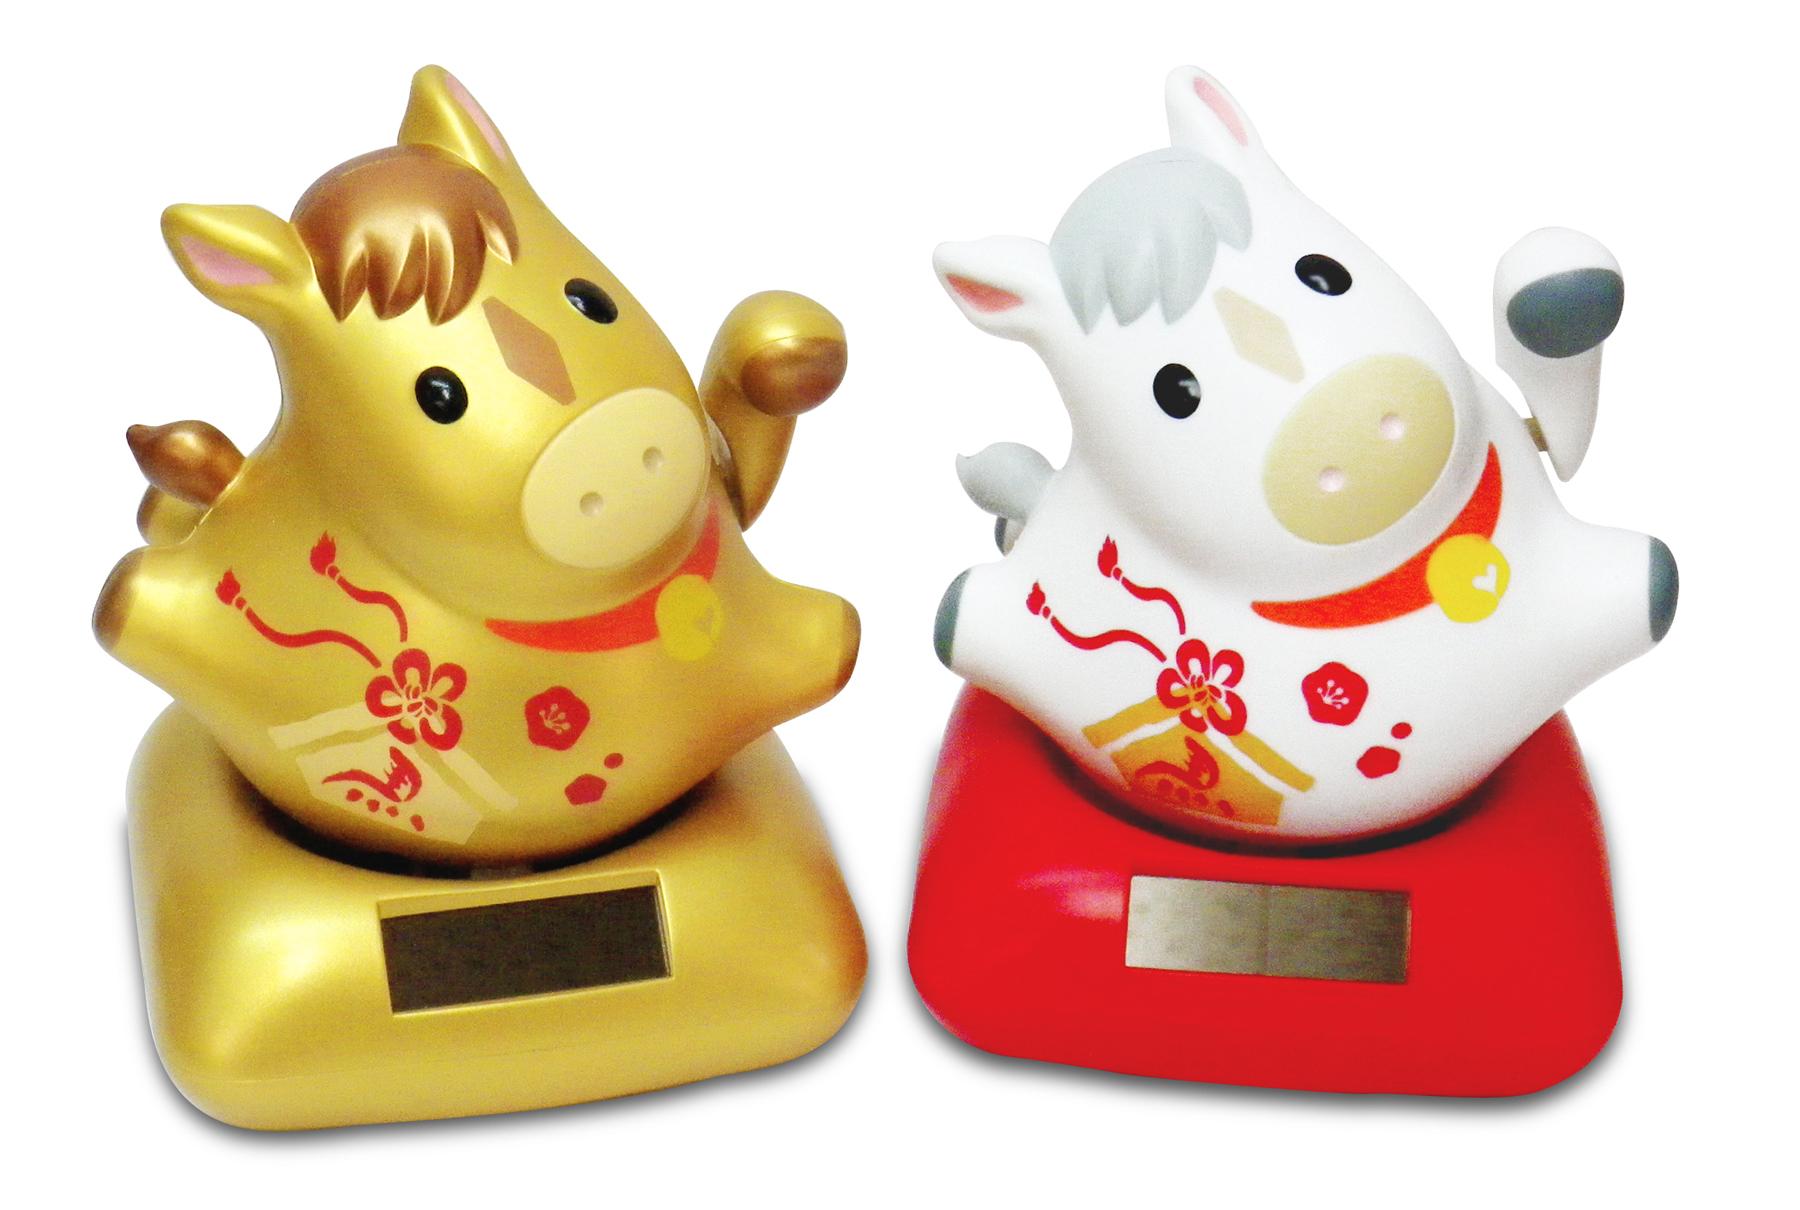 【ご予約8月8日まで!】 来年2014午(うま)年の縁起物 「ソーラー幸せ招き馬」を 数量限定生産